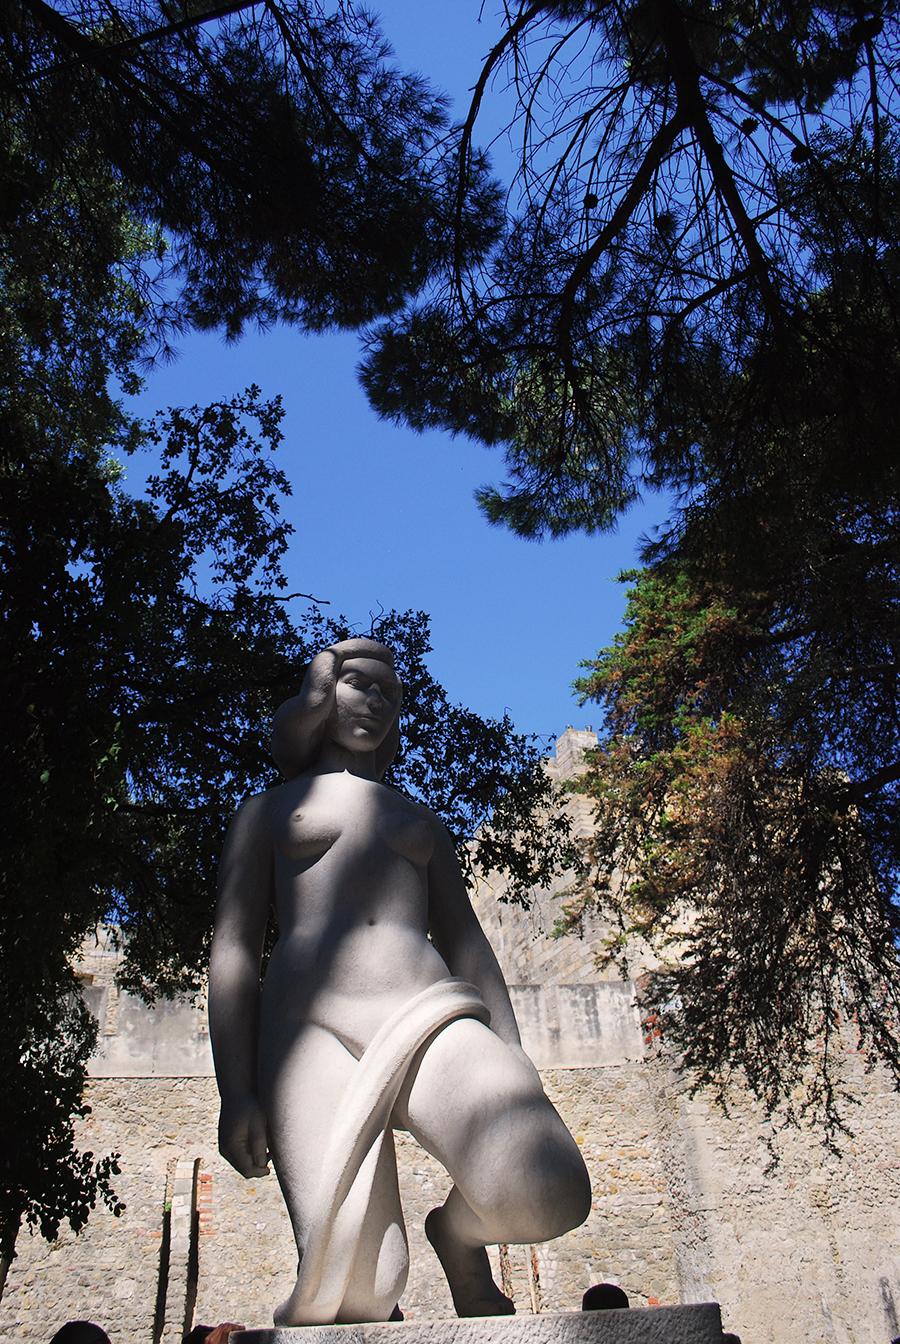 Castel of São Jorge, Lisbon, Portugal | www.alicia-carvalho.com/blog